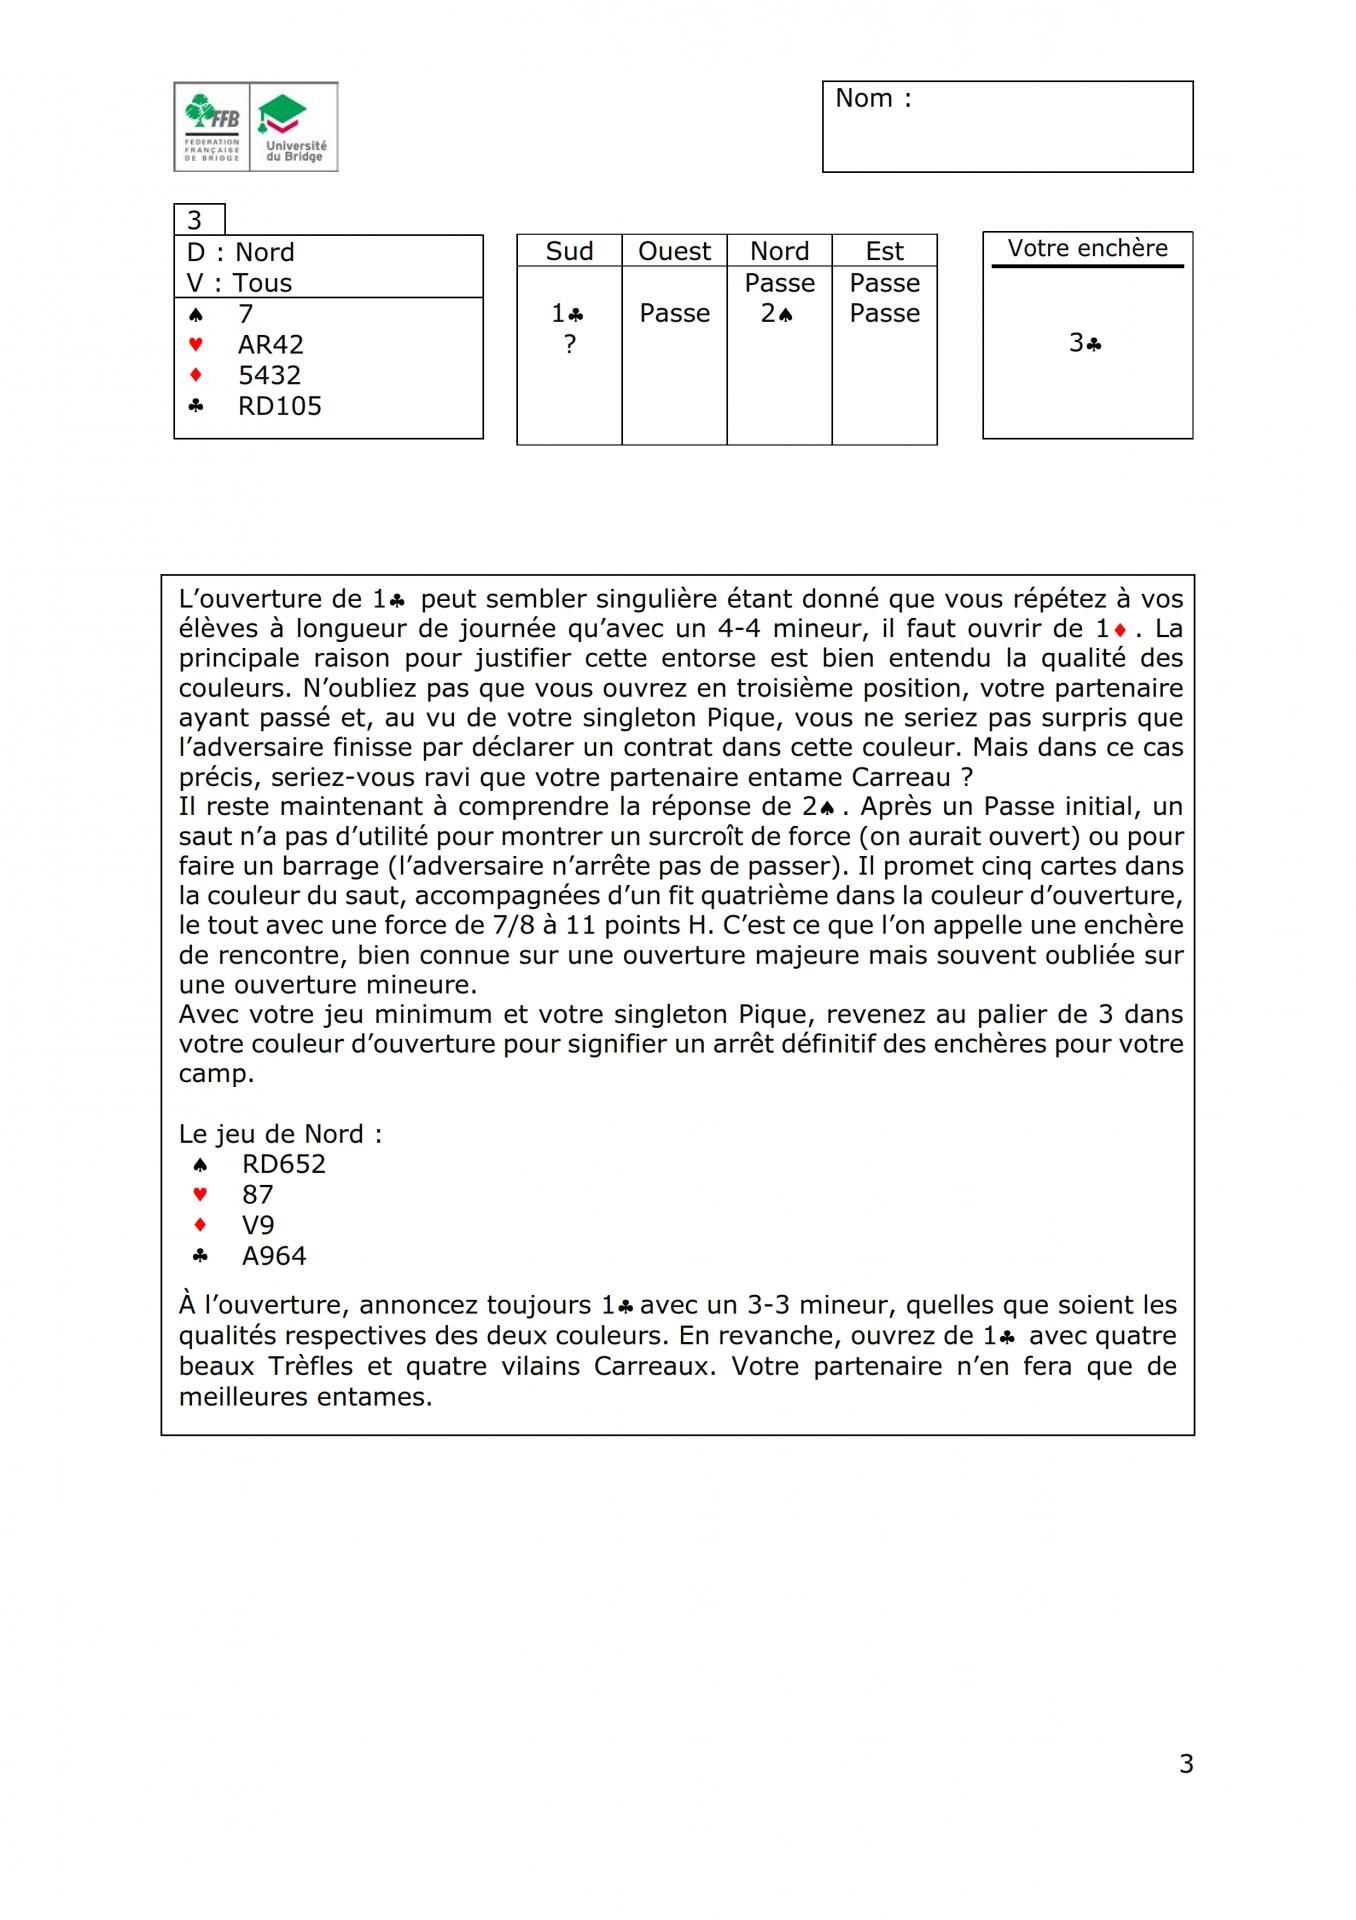 Formation continue des moniteurs solutions novembre 2020 003